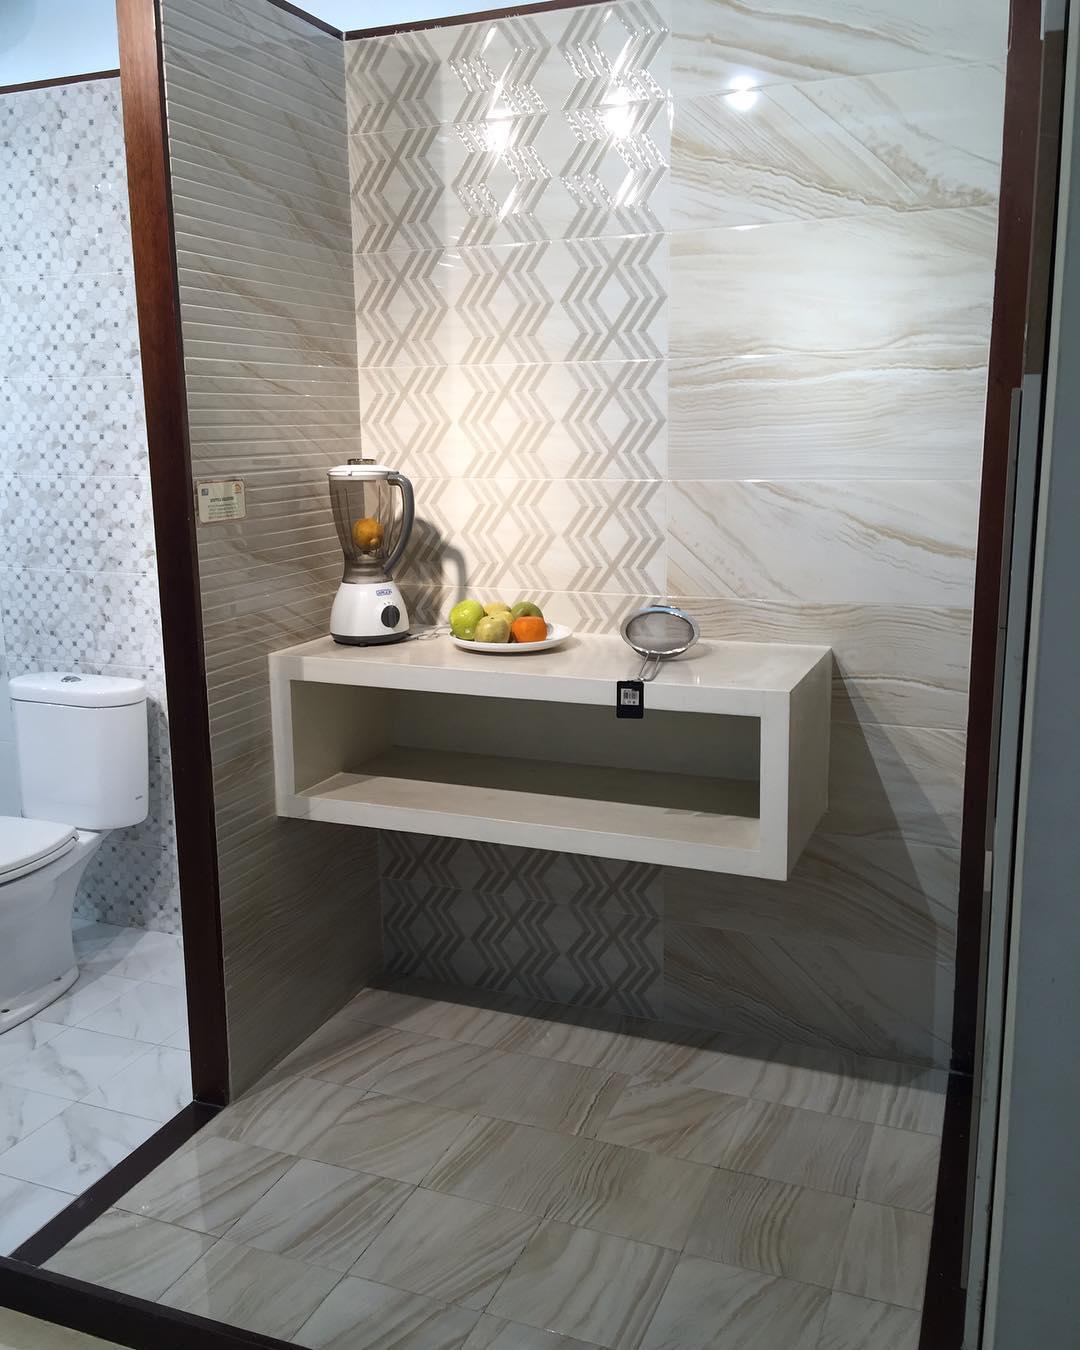 19 Model Keramik Lantai Motif Kayu Rumah Minimalis 2018 Dekor Rumah